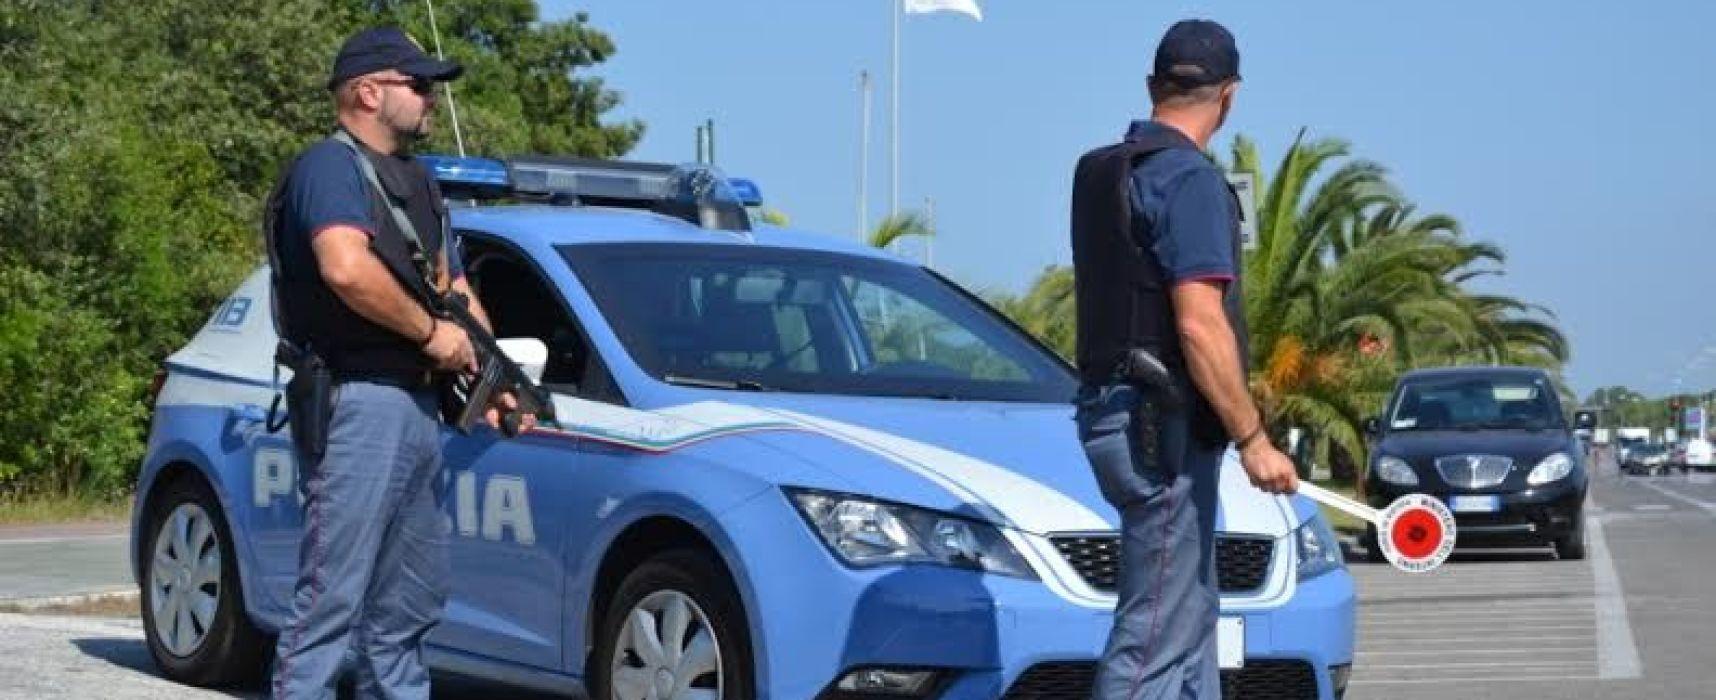 Sfruttamento di rumene e dell'immigrazione, spaccio, rapine: 5 arresti in Versilia